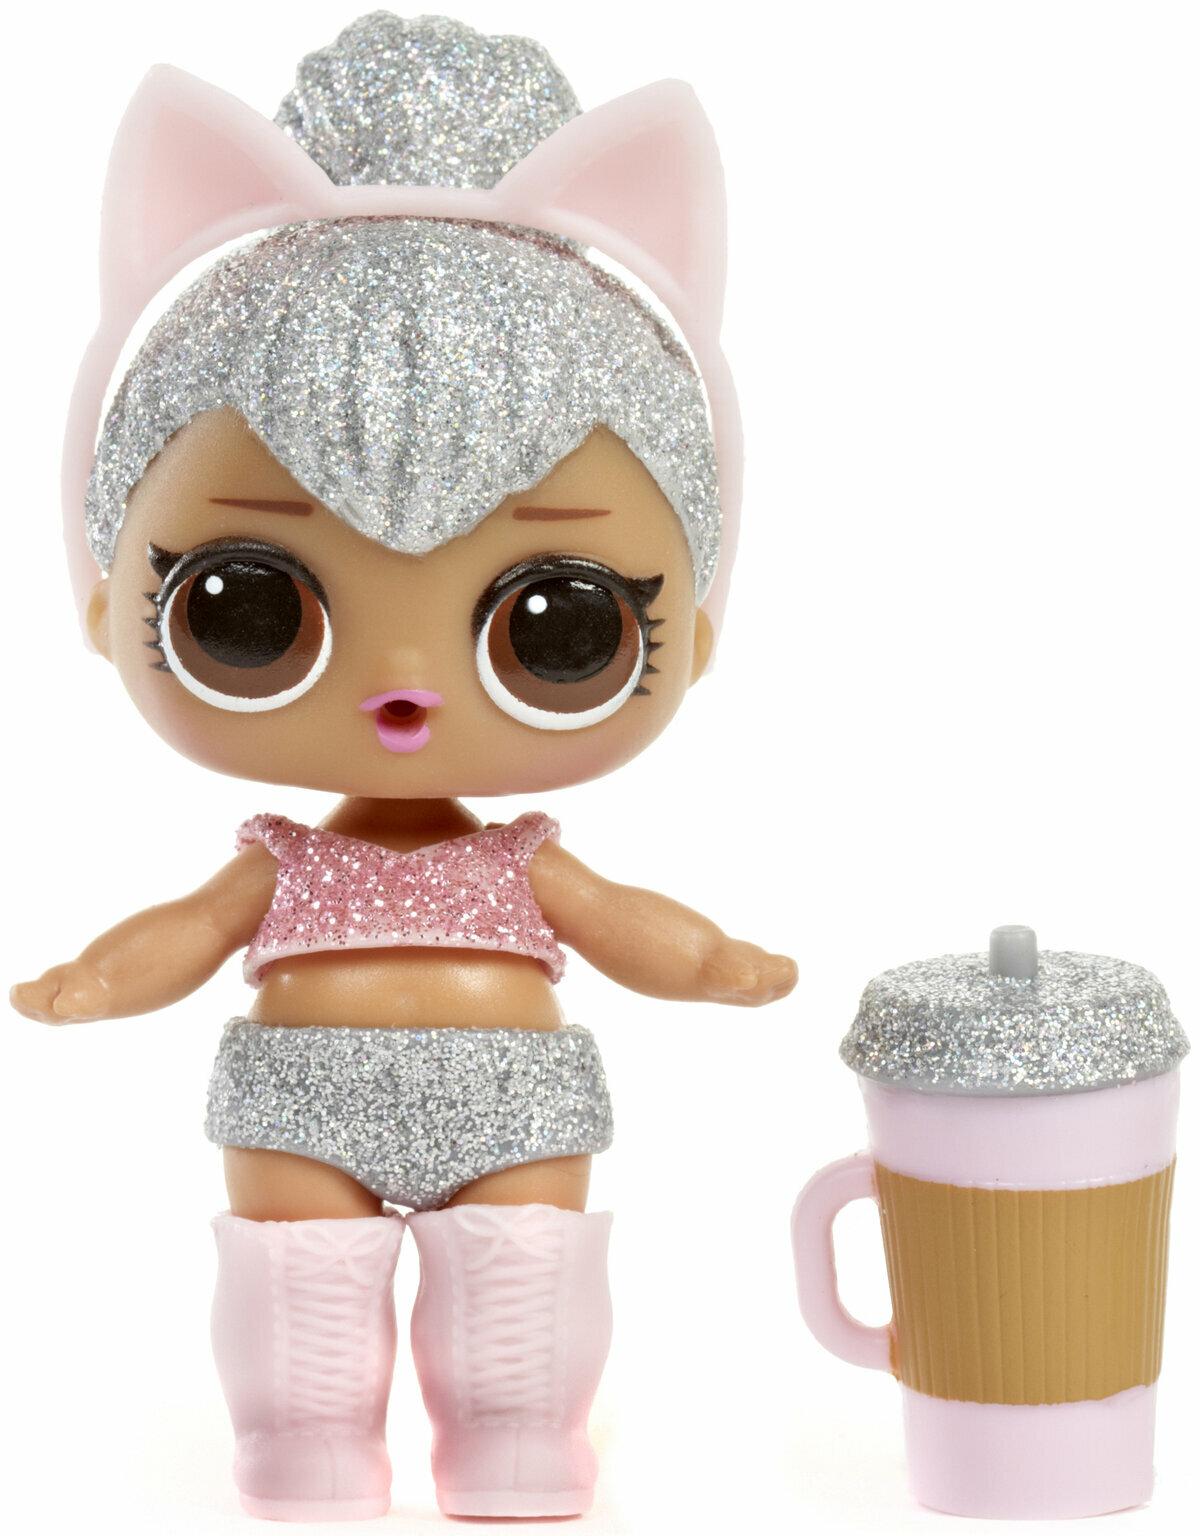 предлагаю, картинки игрушечных кукол лол автора получать его